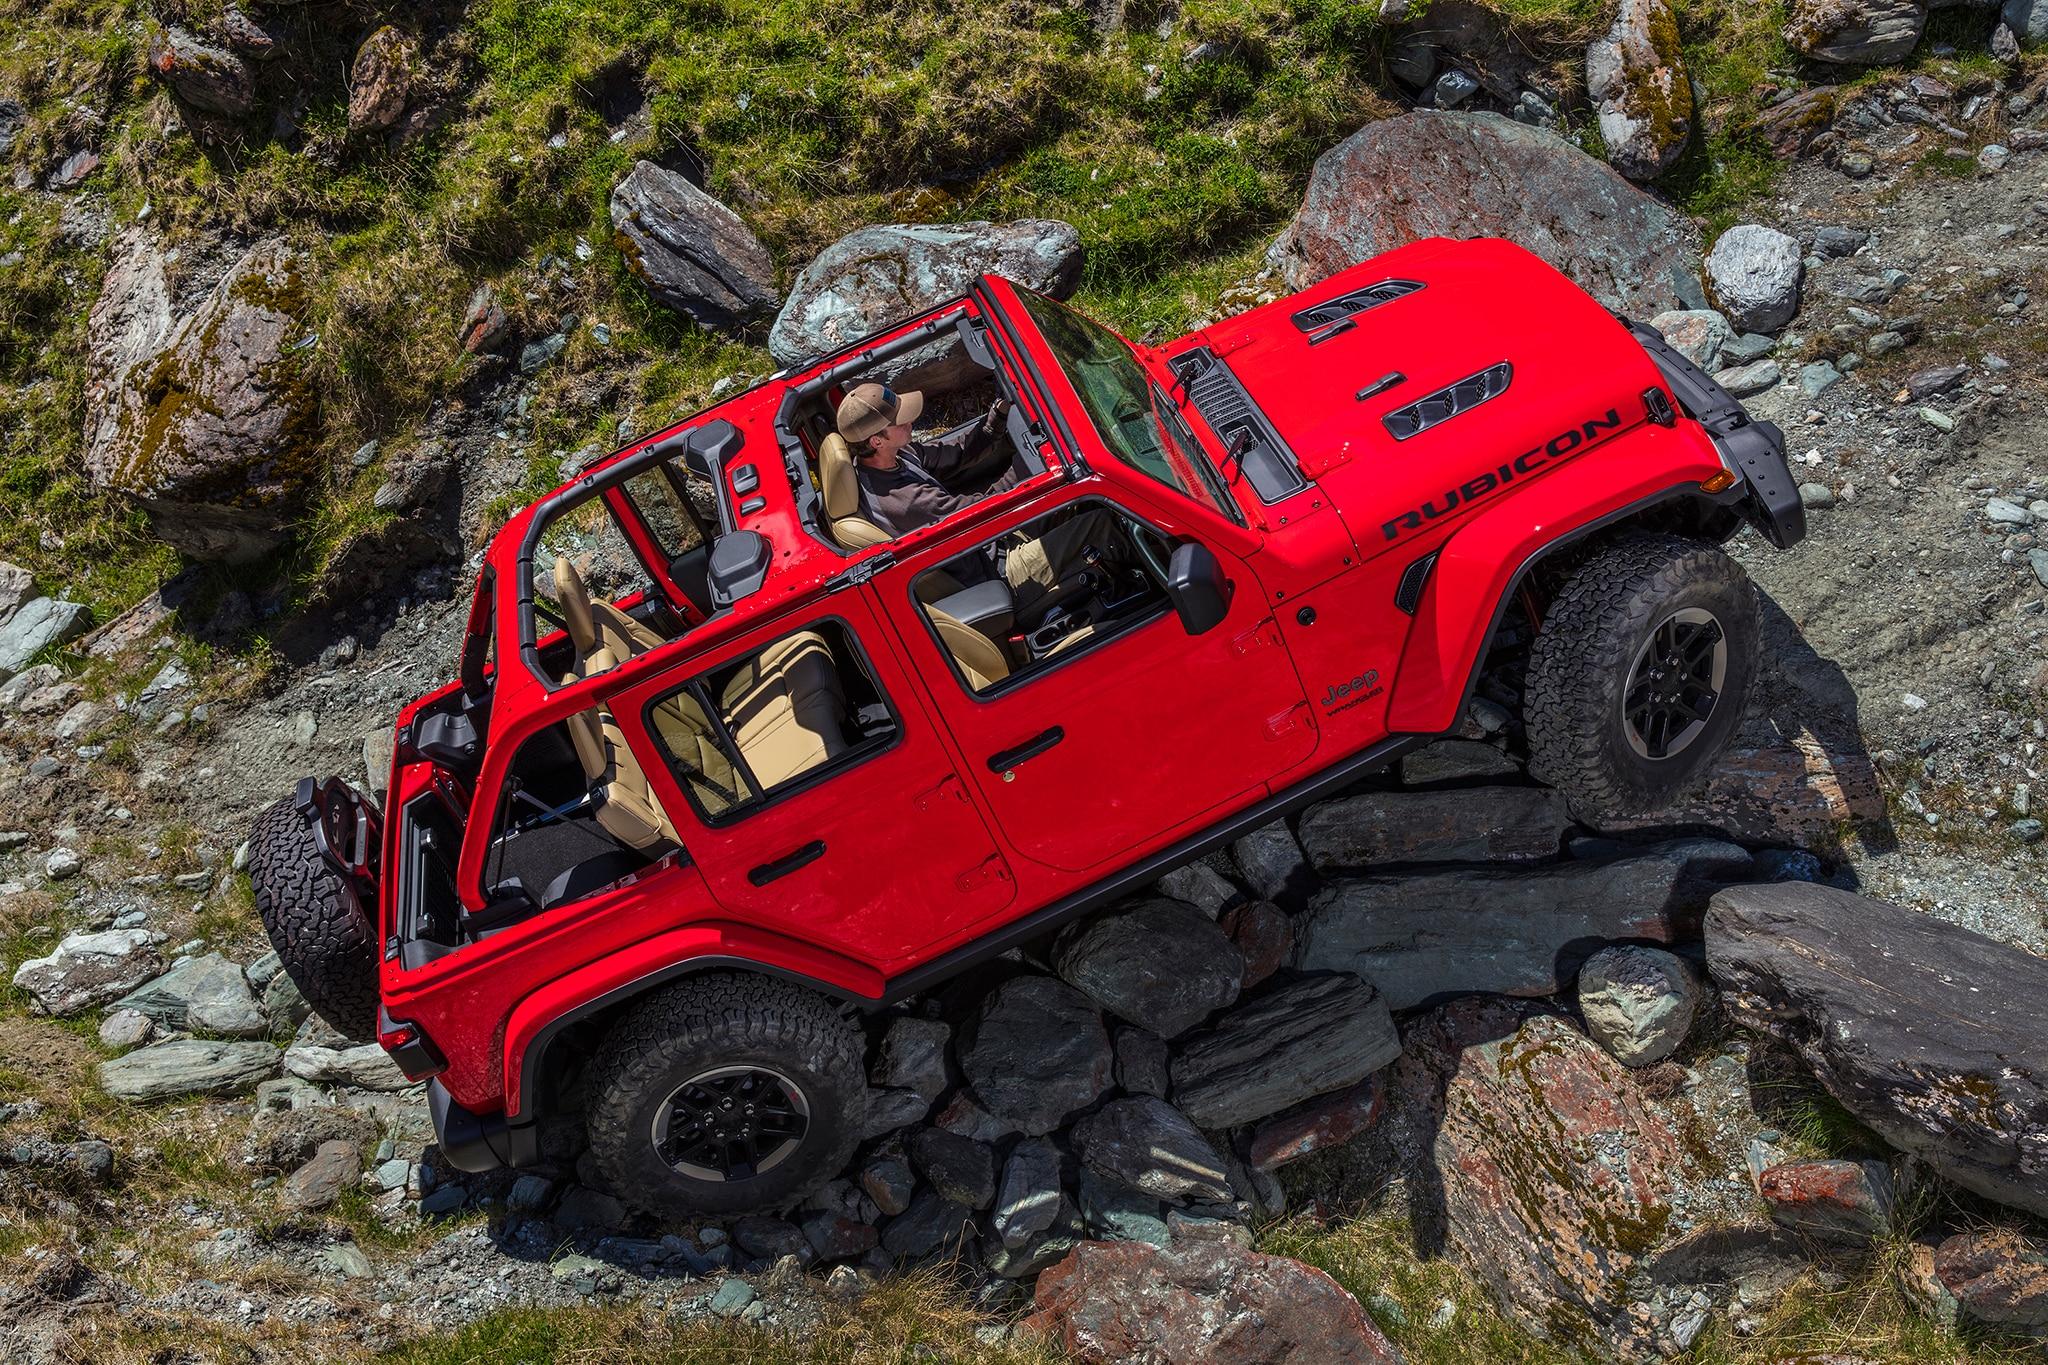 2018-Jeep-Wrangler-Unlimited-Rubicon-side-profile-01 Aflati totul despre noul Jeep Wrangler JL 2018 - Specificatii tehnice, Galerie Foto